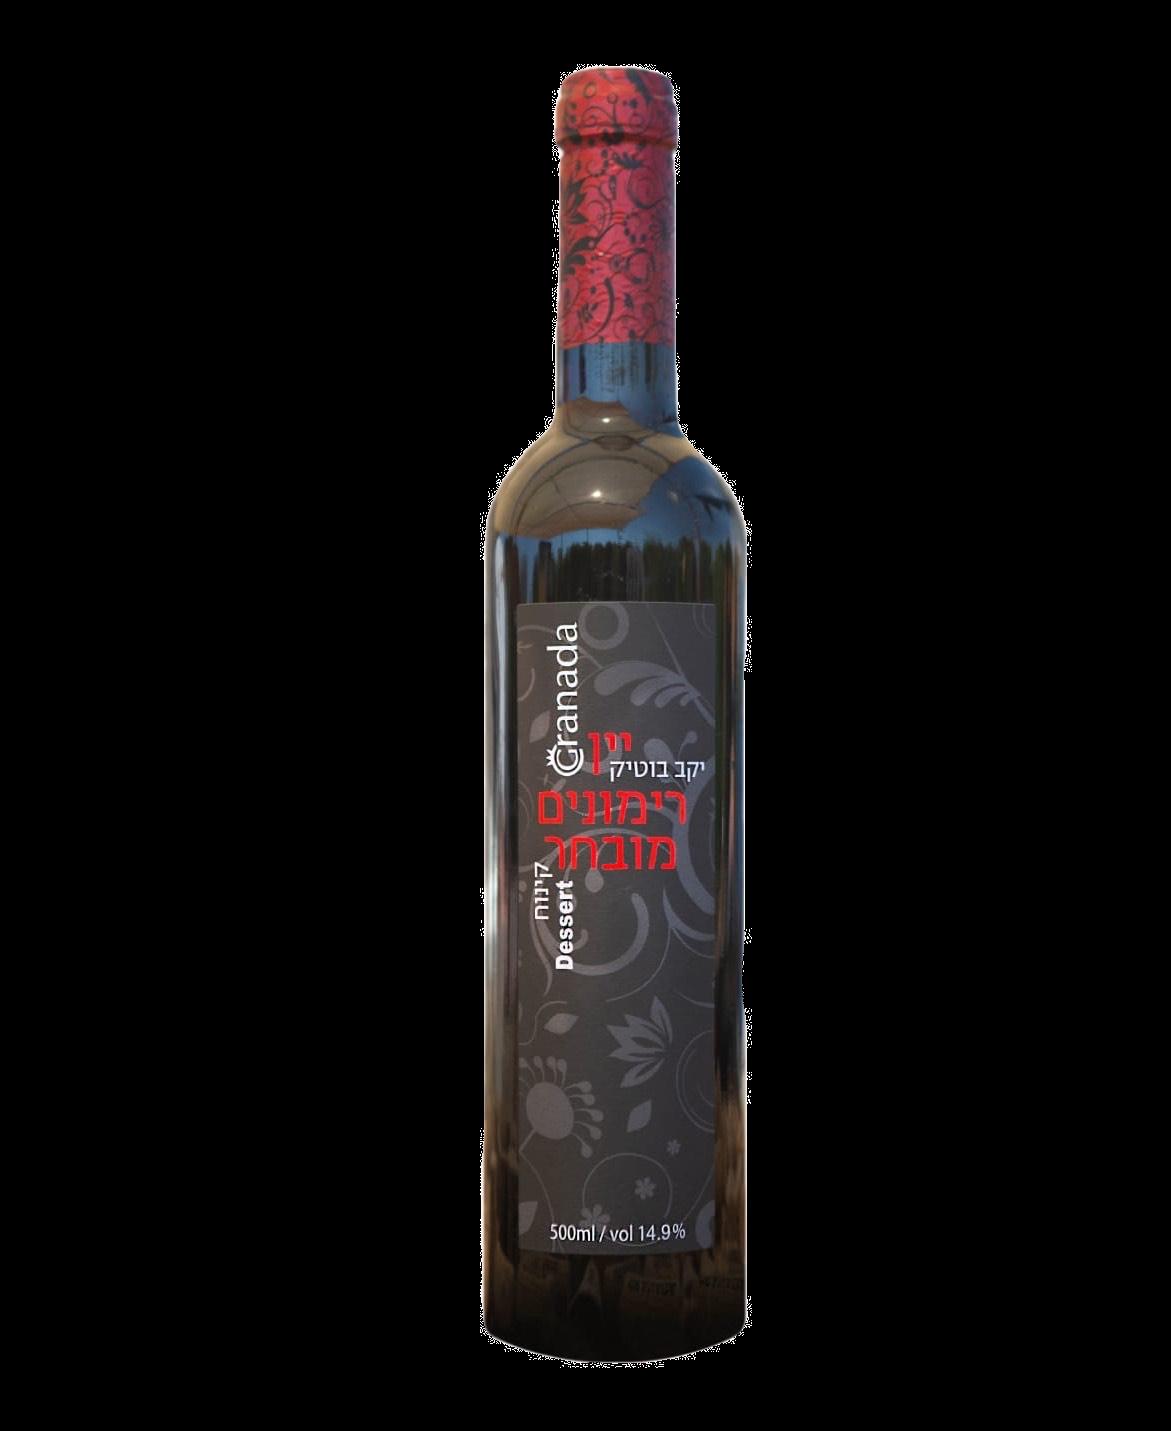 Dessert pomegranate wine